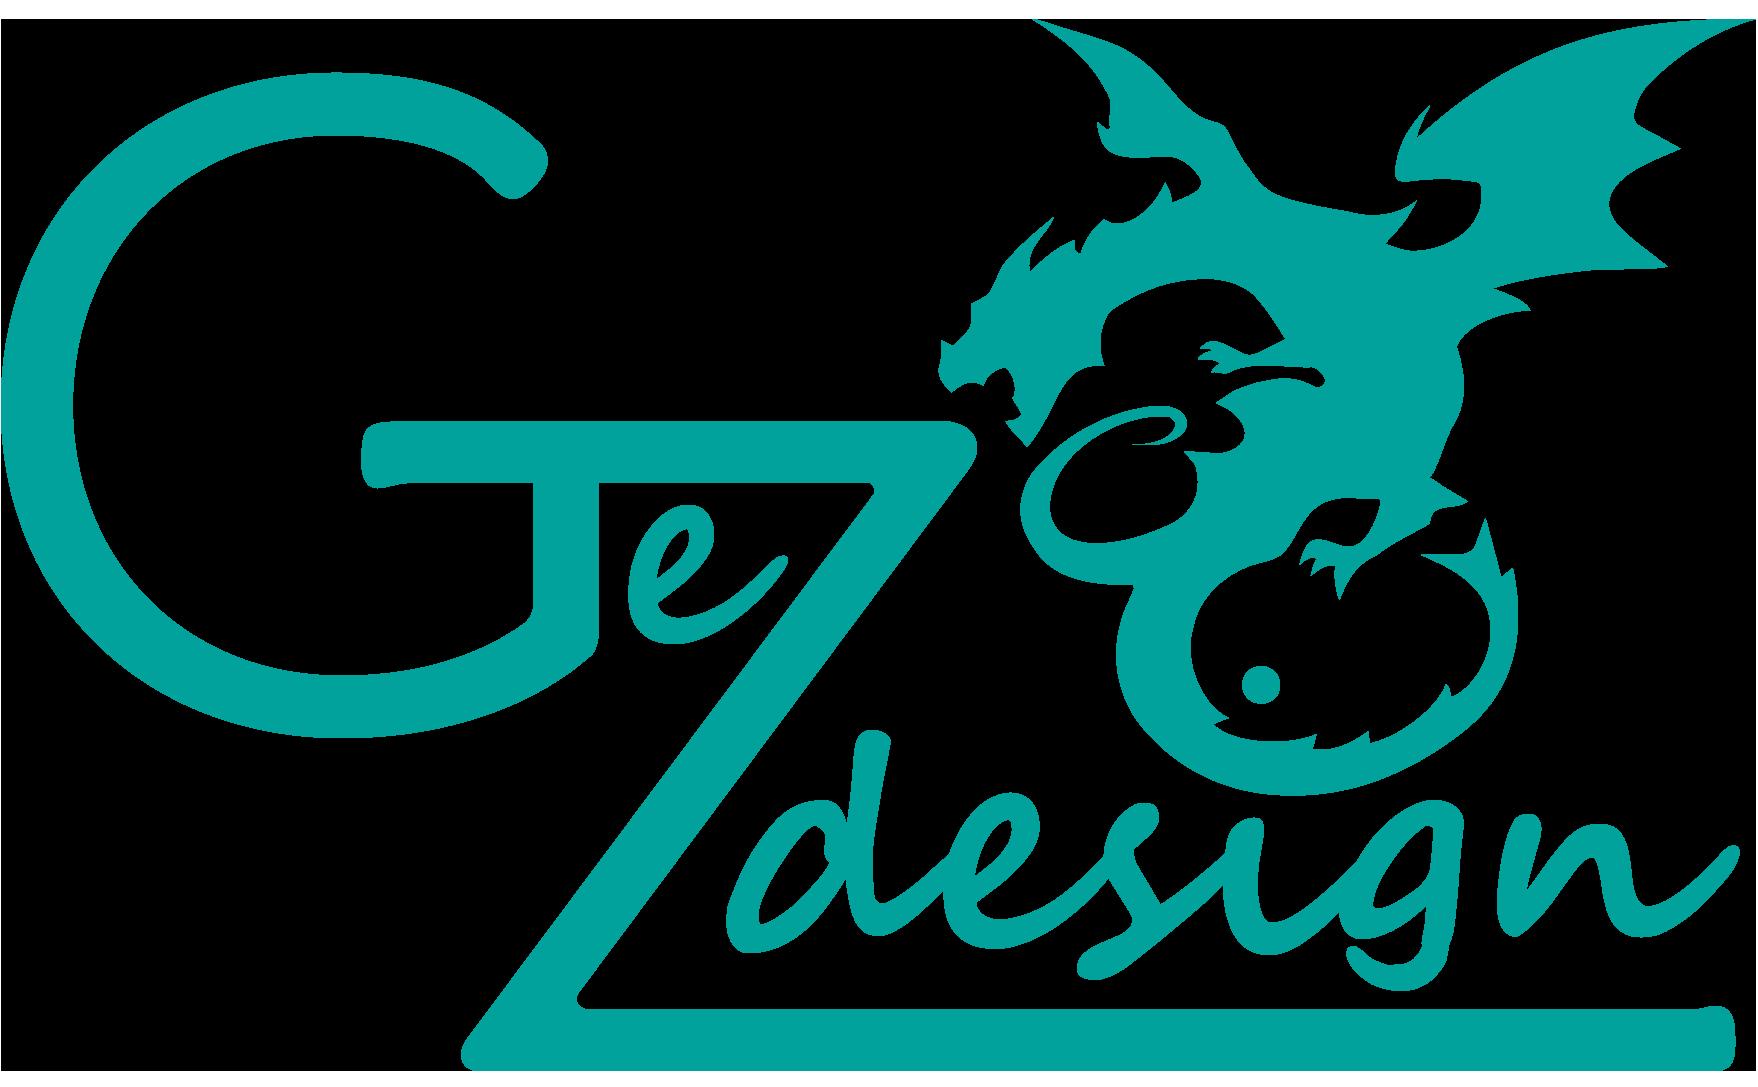 GeZ design